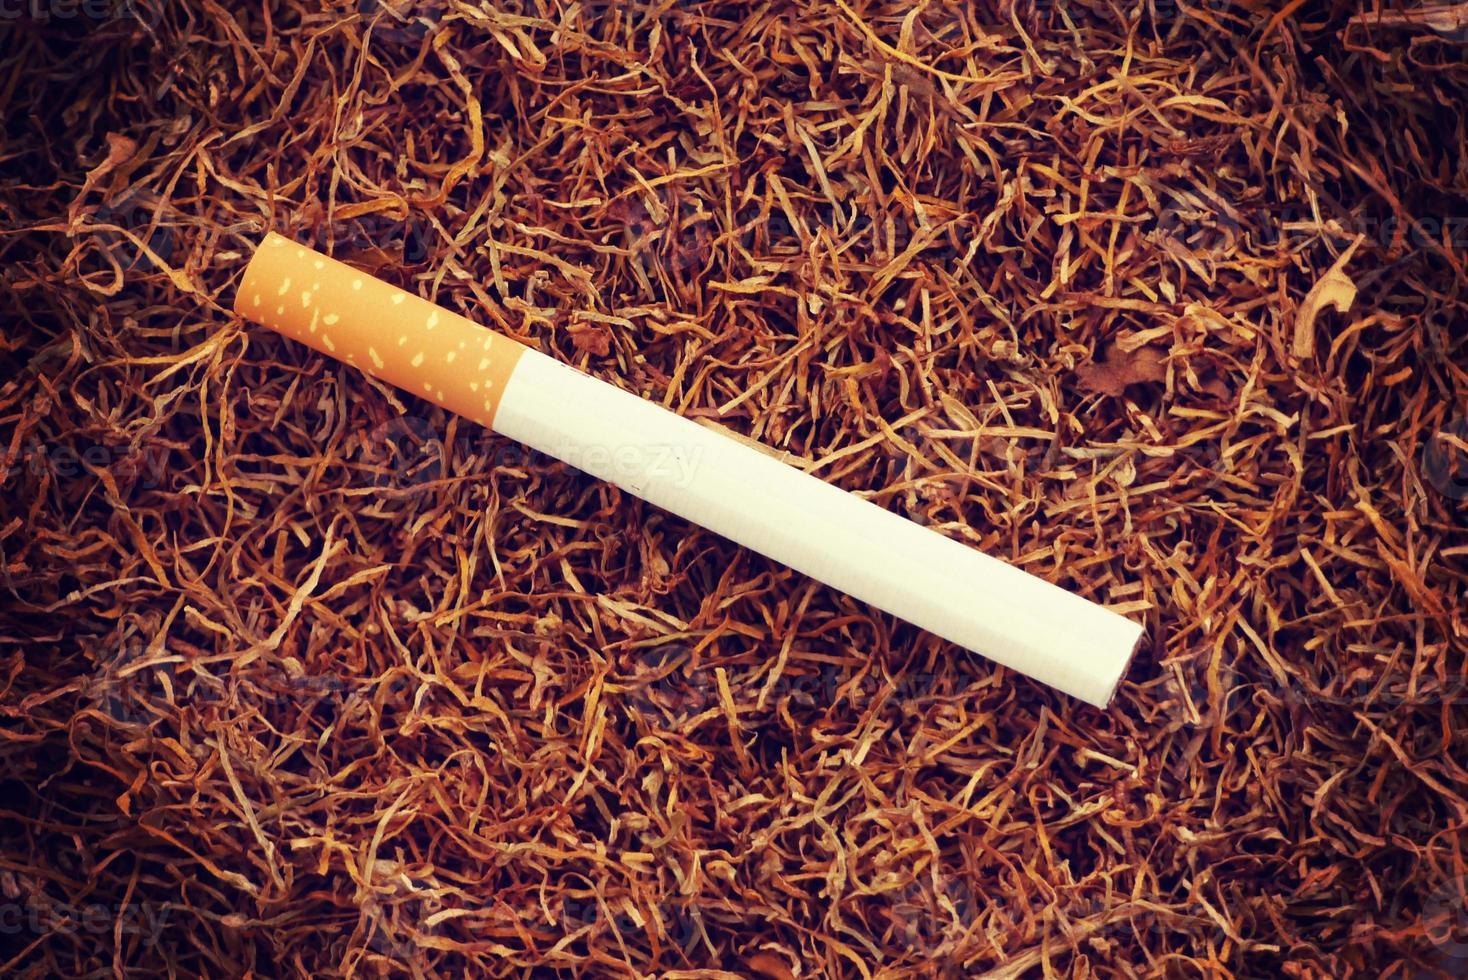 cigarro velho estilo vintage retrô foto